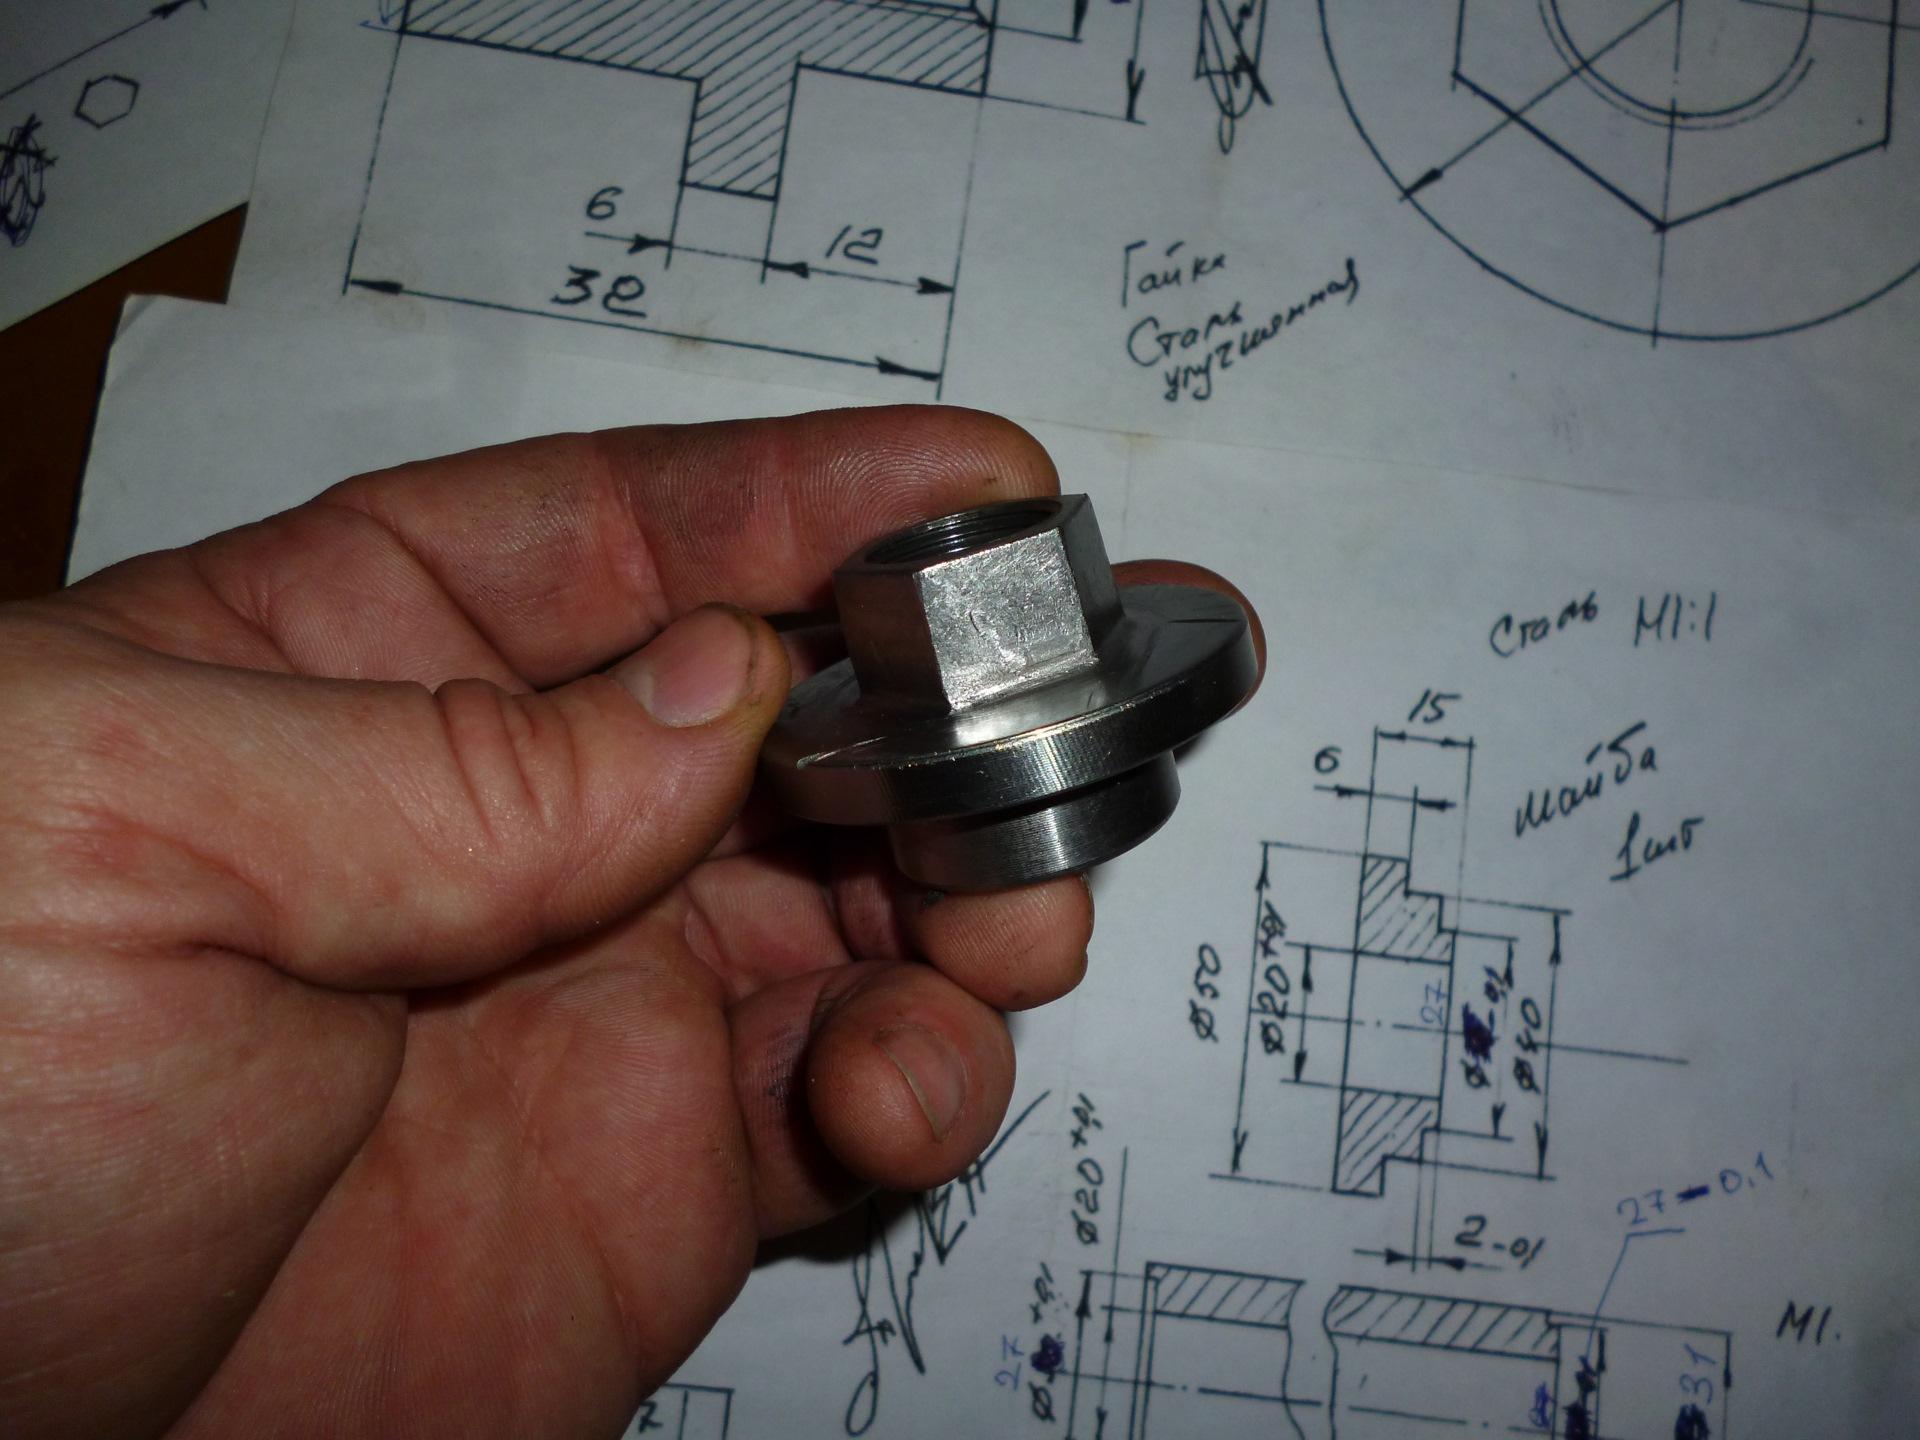 Замена направляющих втулок клапанов ВАЗ-2109 своими руками 24